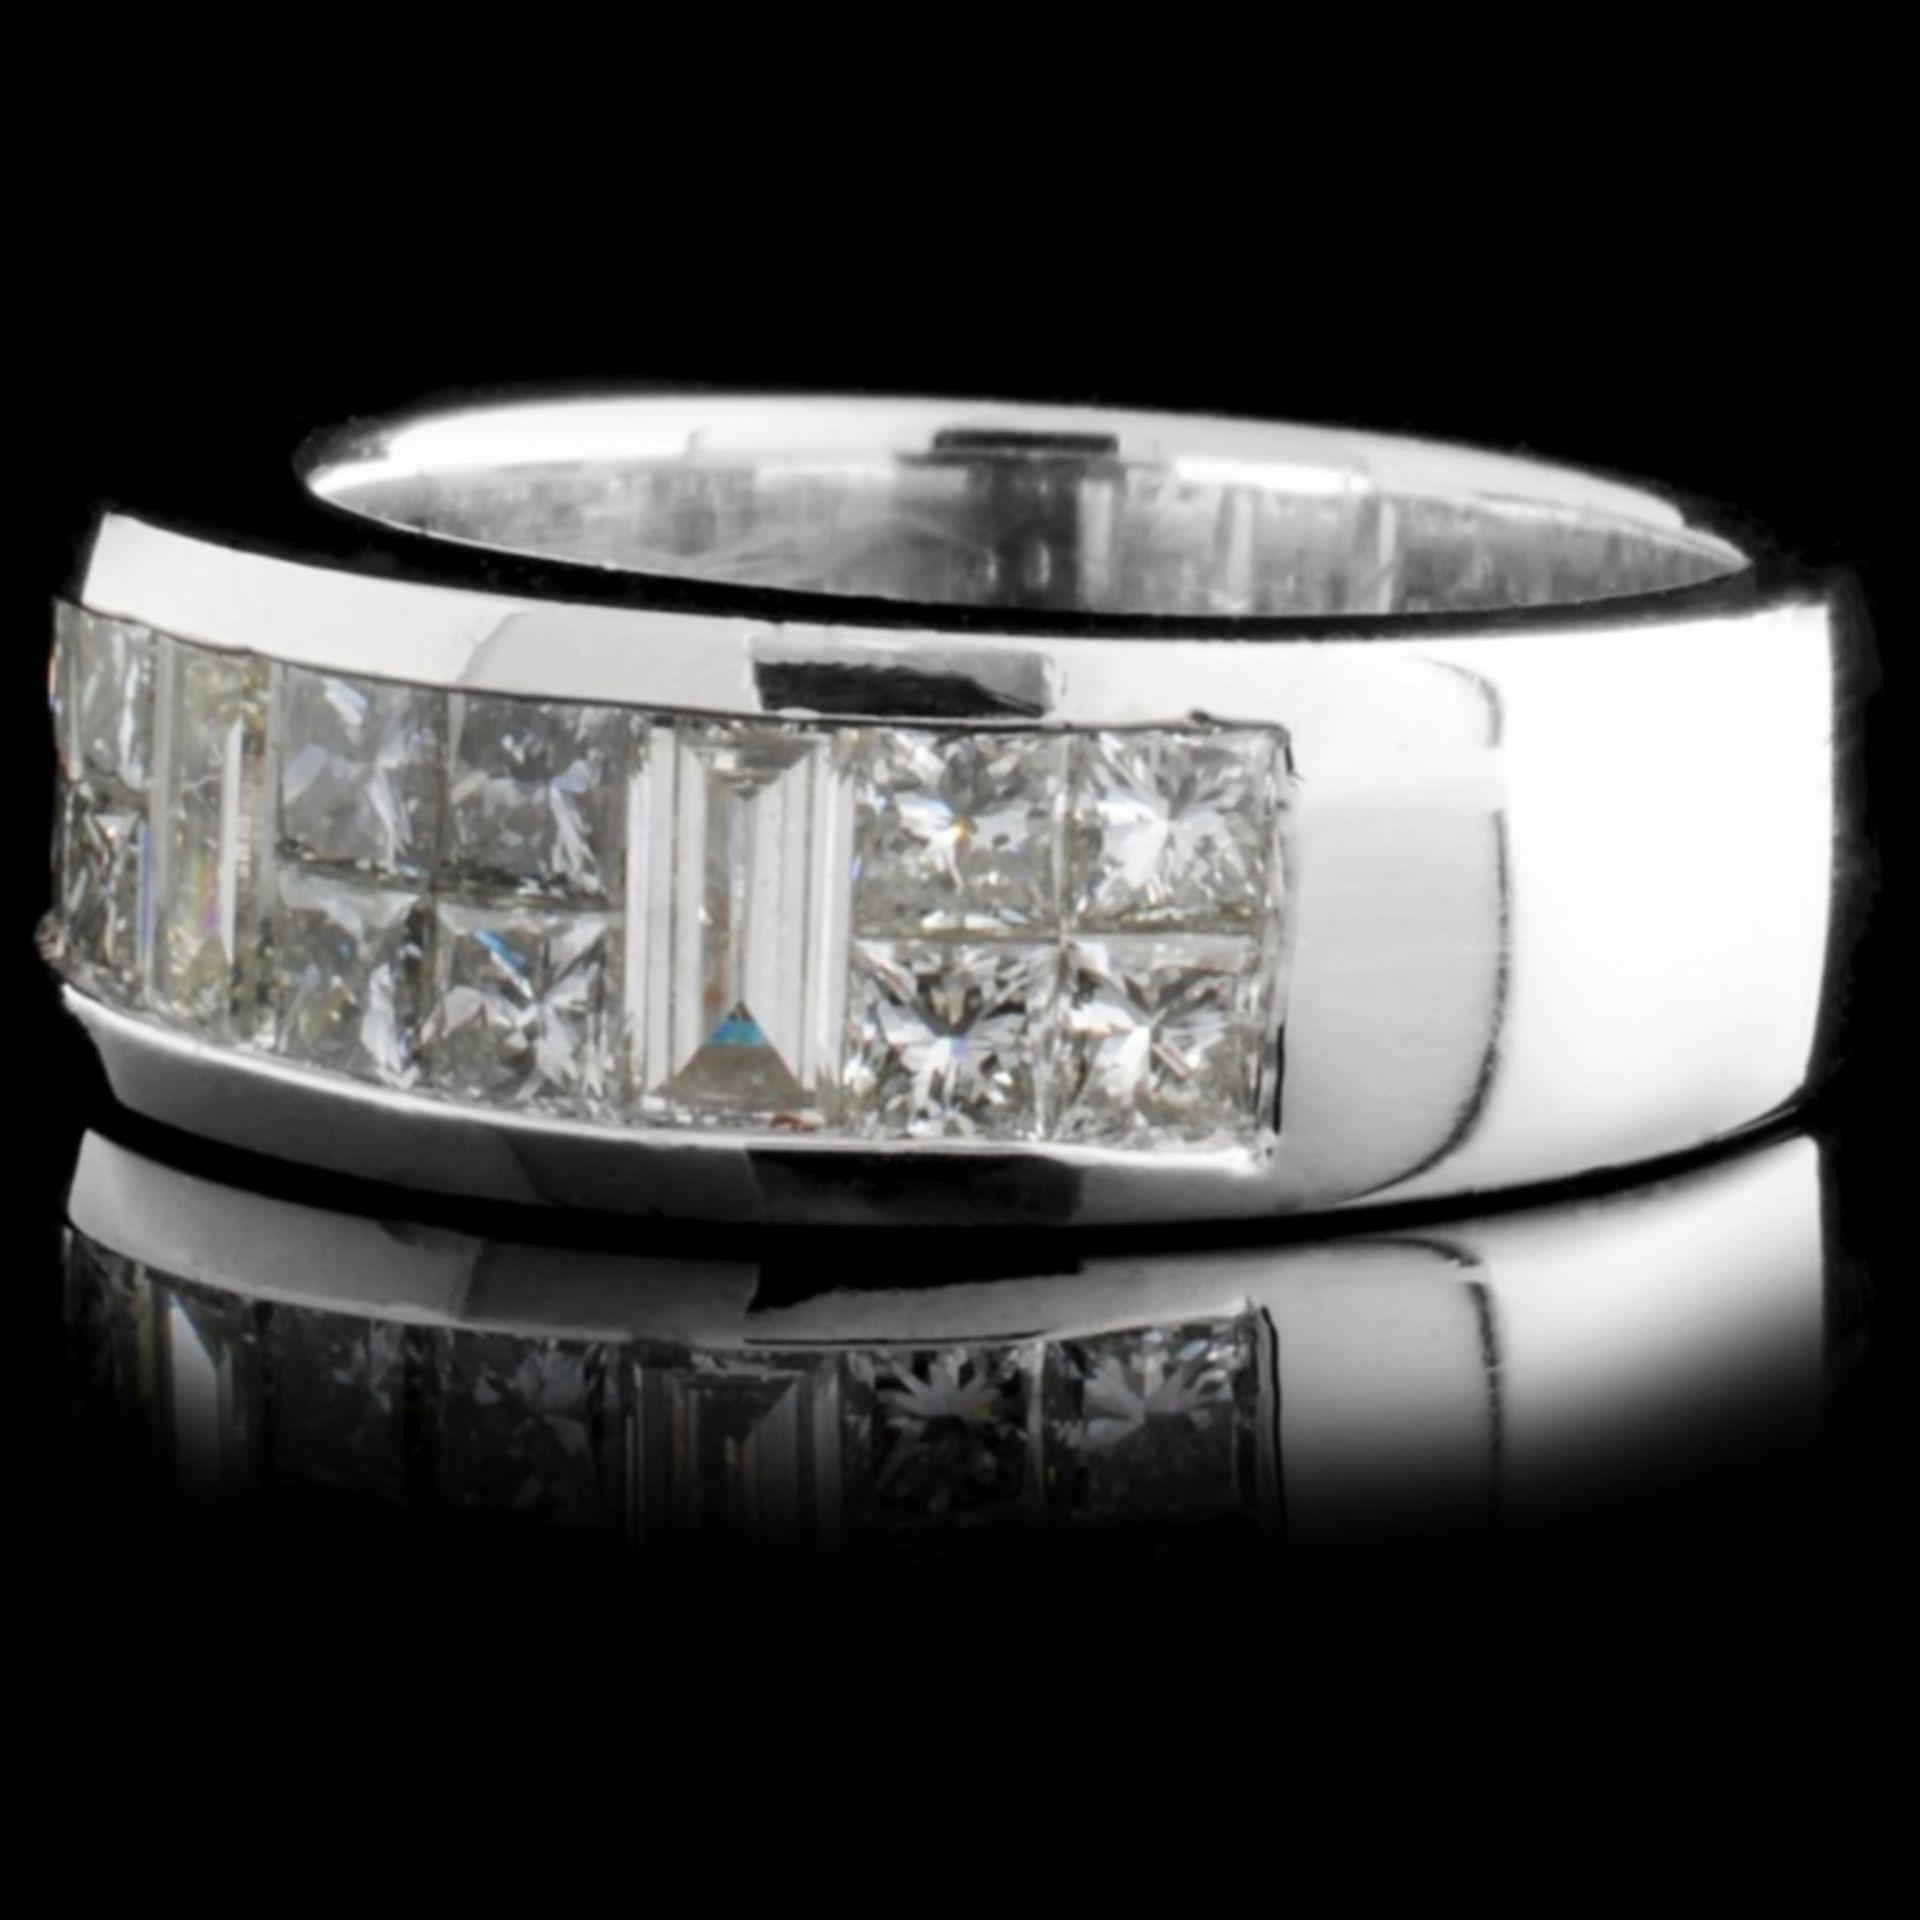 Solid Platinum 1.60ctw Diamond Ring - Image 2 of 3